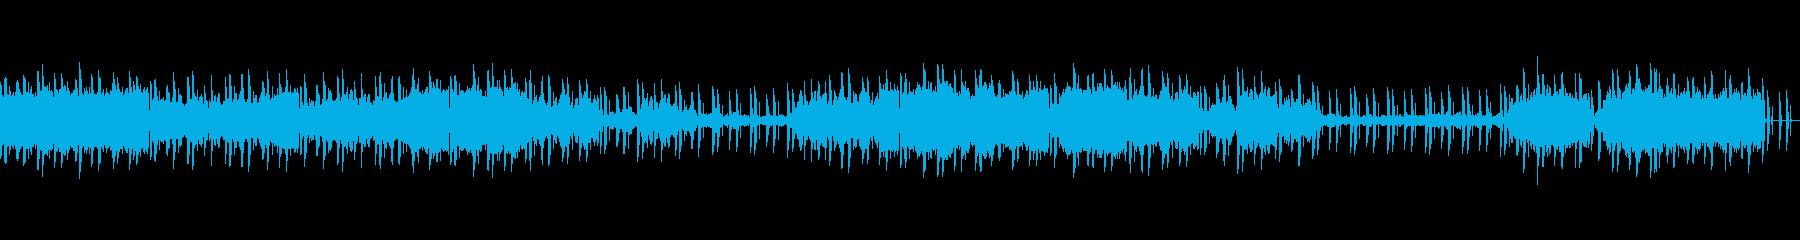 Vlog!クールスタイリッシュpopの再生済みの波形